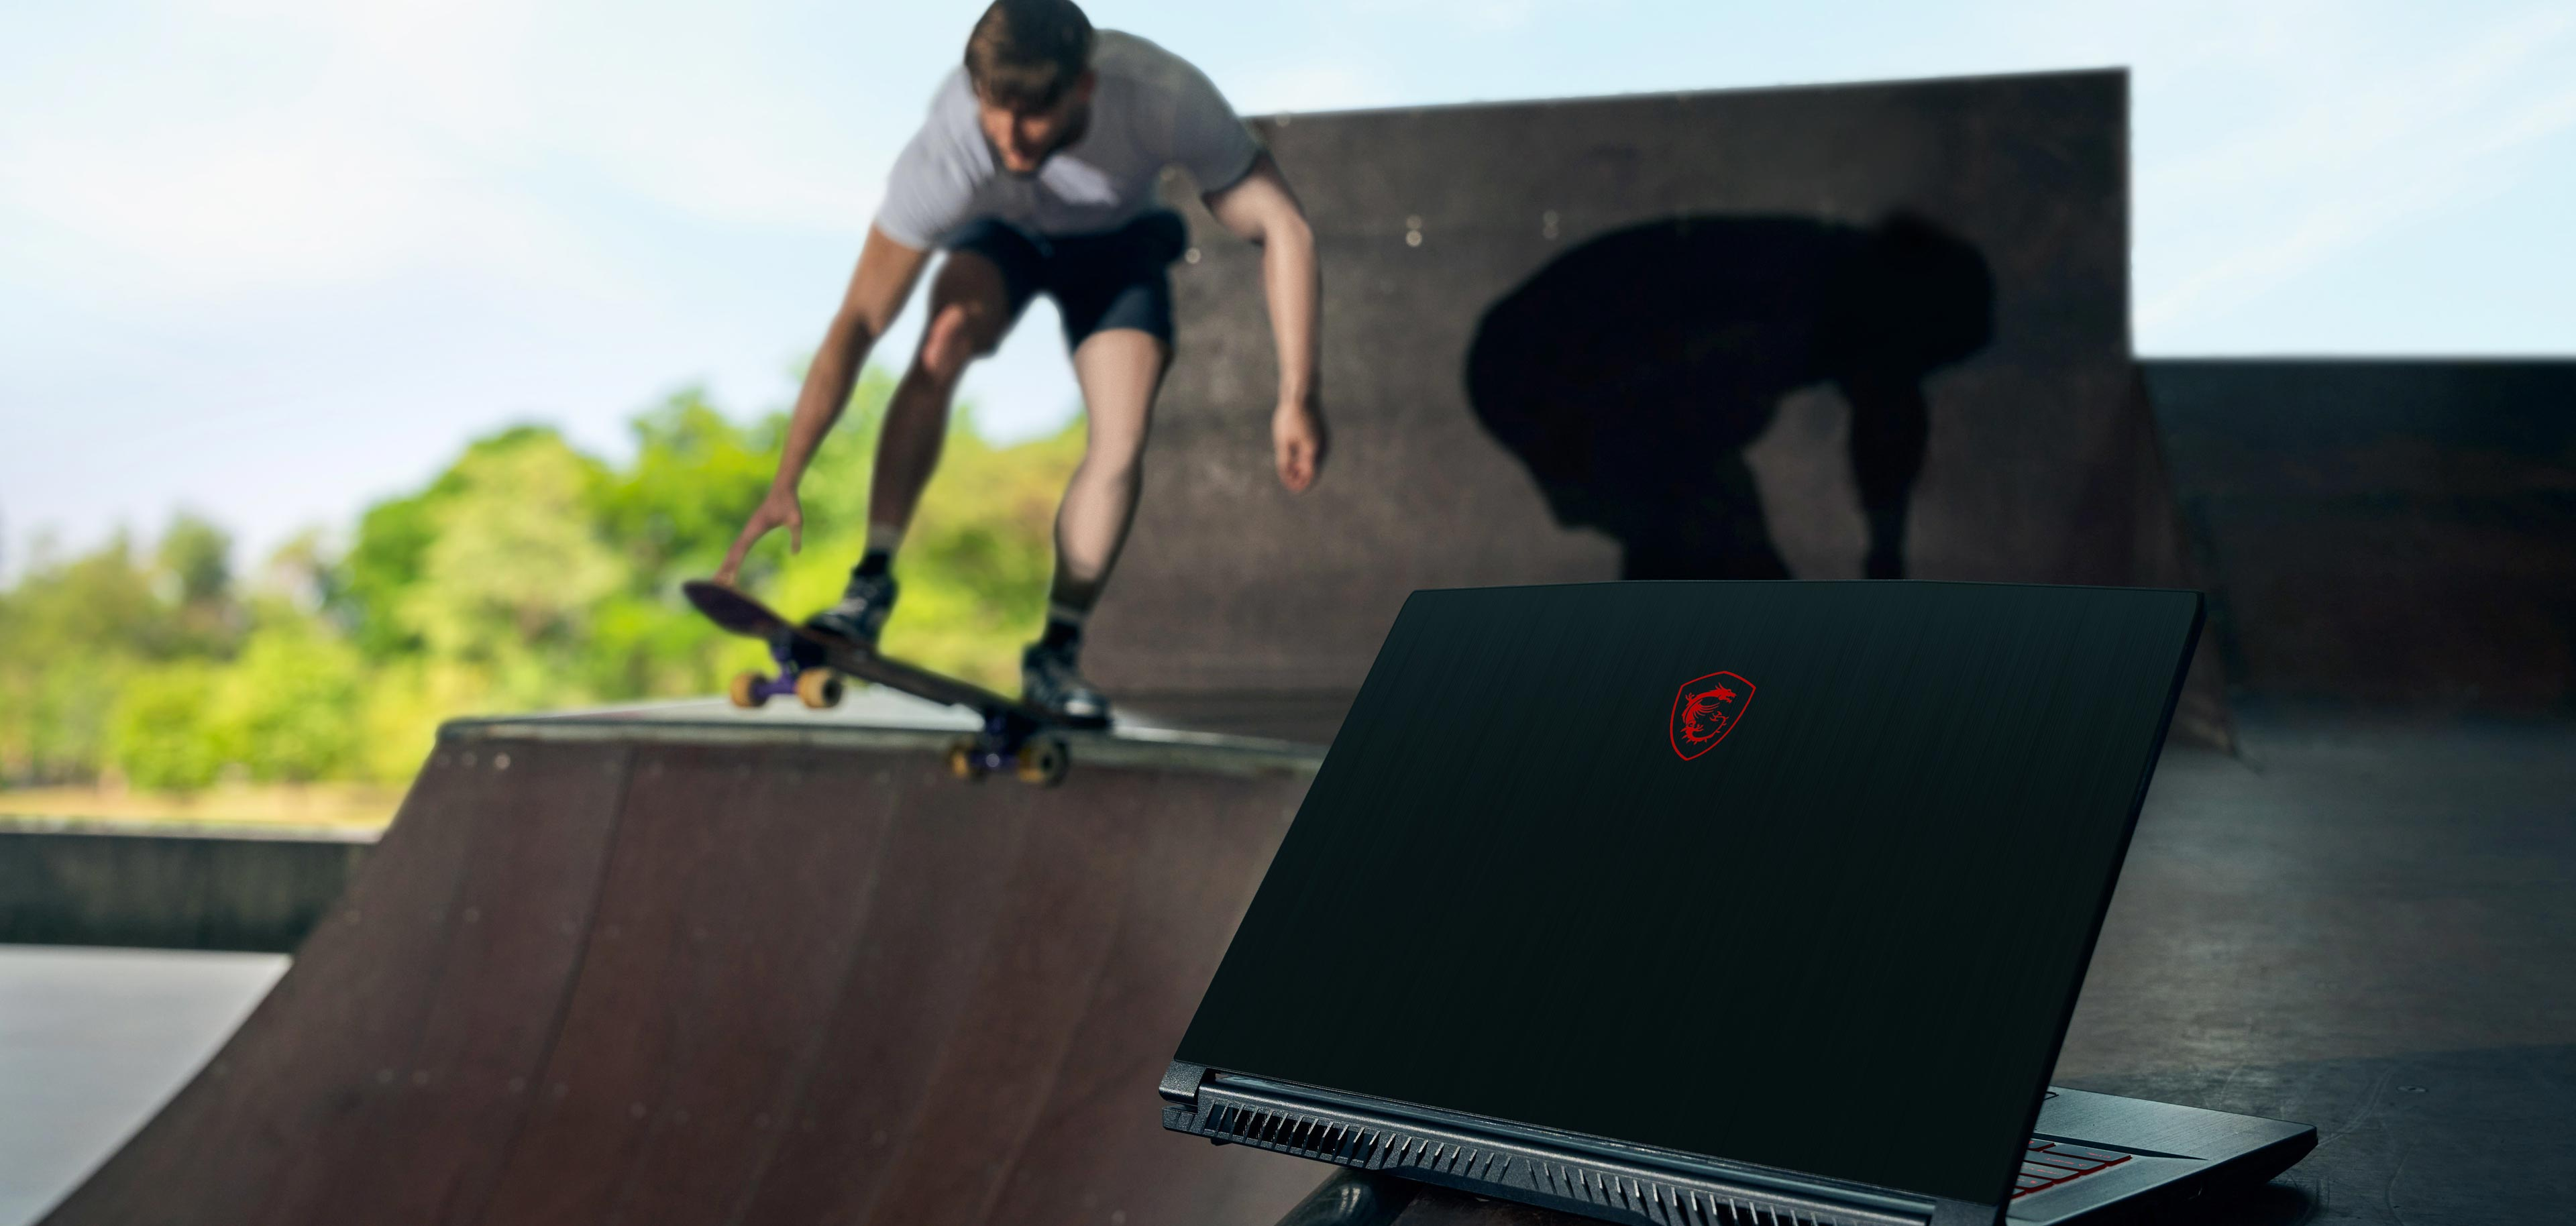 msi laptop thin